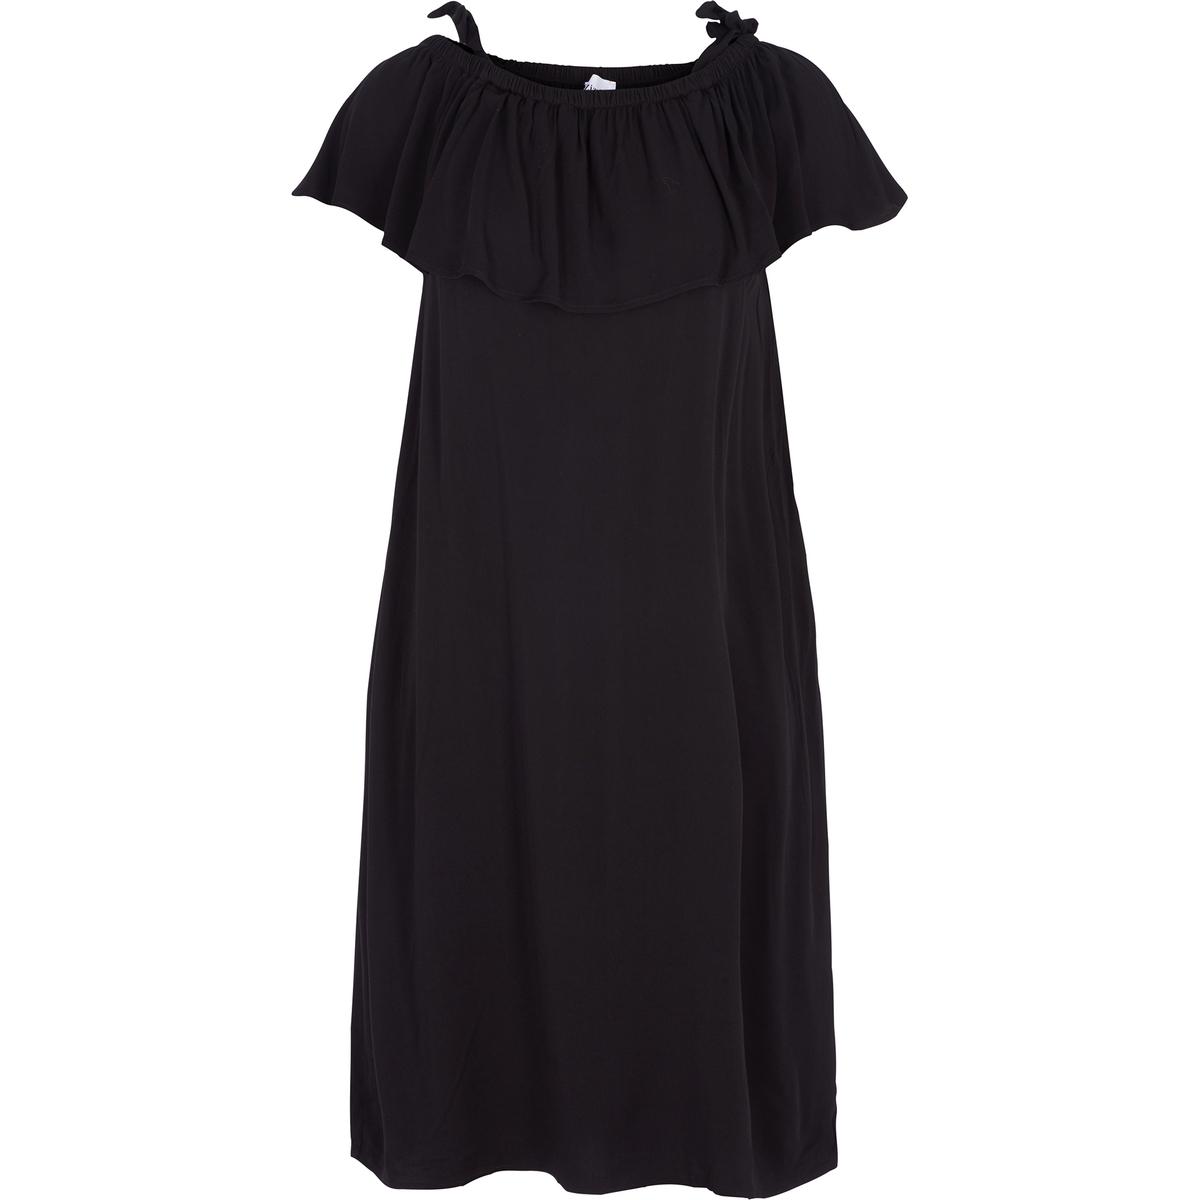 ПлатьеПлатье ZIZZI. Платье с короткими рукавами и полукруглым вырезом. 100% вискоза<br><br>Цвет: черный<br>Размер: 46/48 (FR) - 52/54 (RUS)